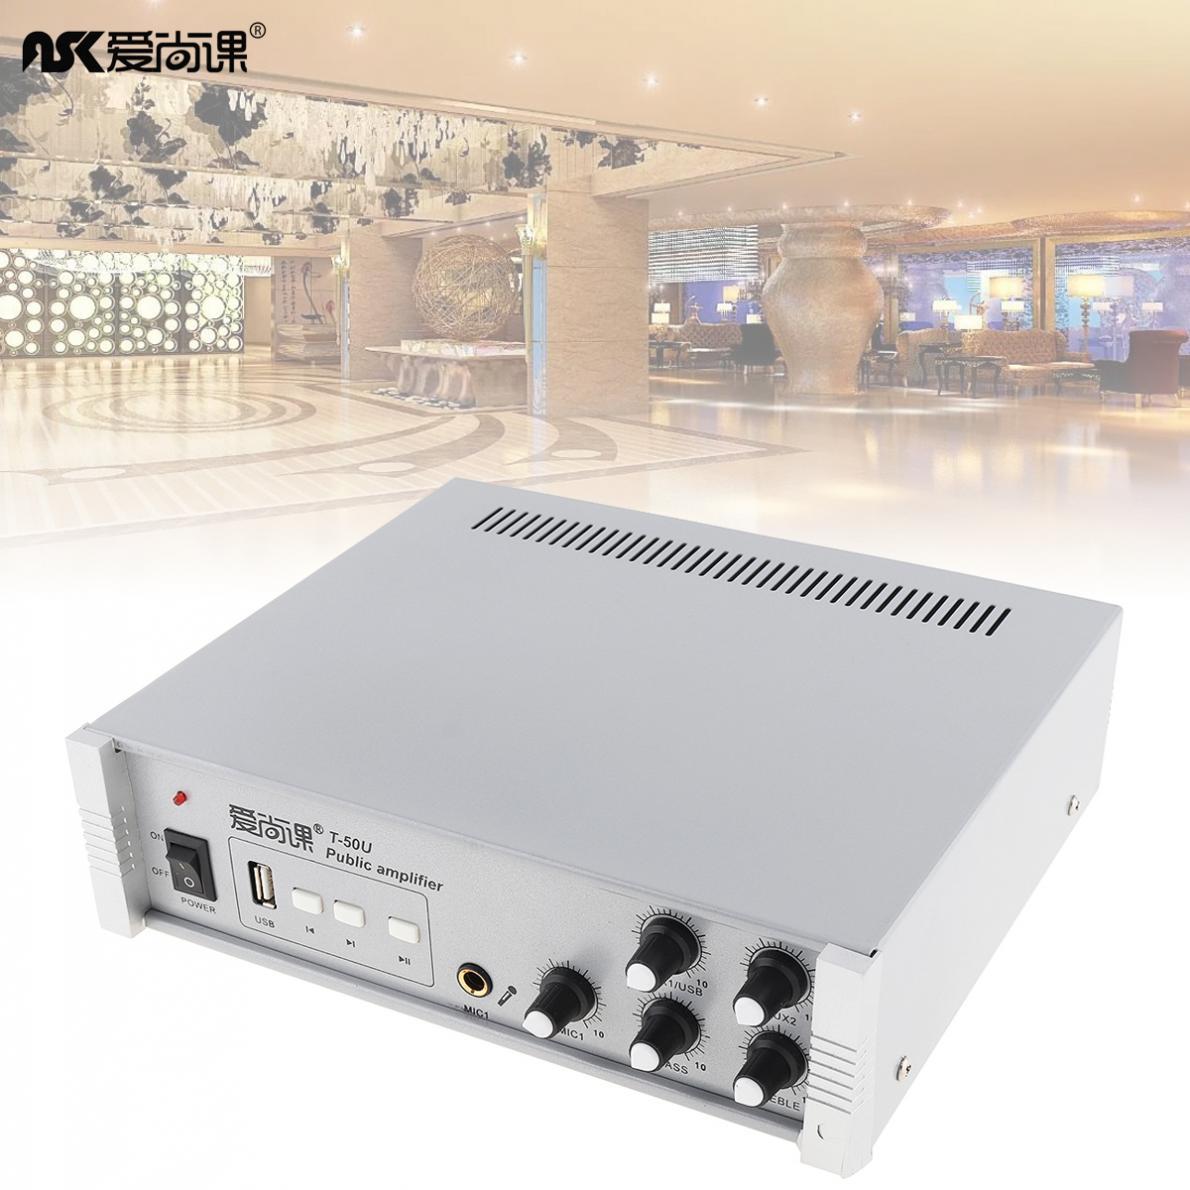 Amplificateur de pression constante de musique de fond de diffusion de 50W avec la fonction de lecture d'usb pour le système de musique de fond